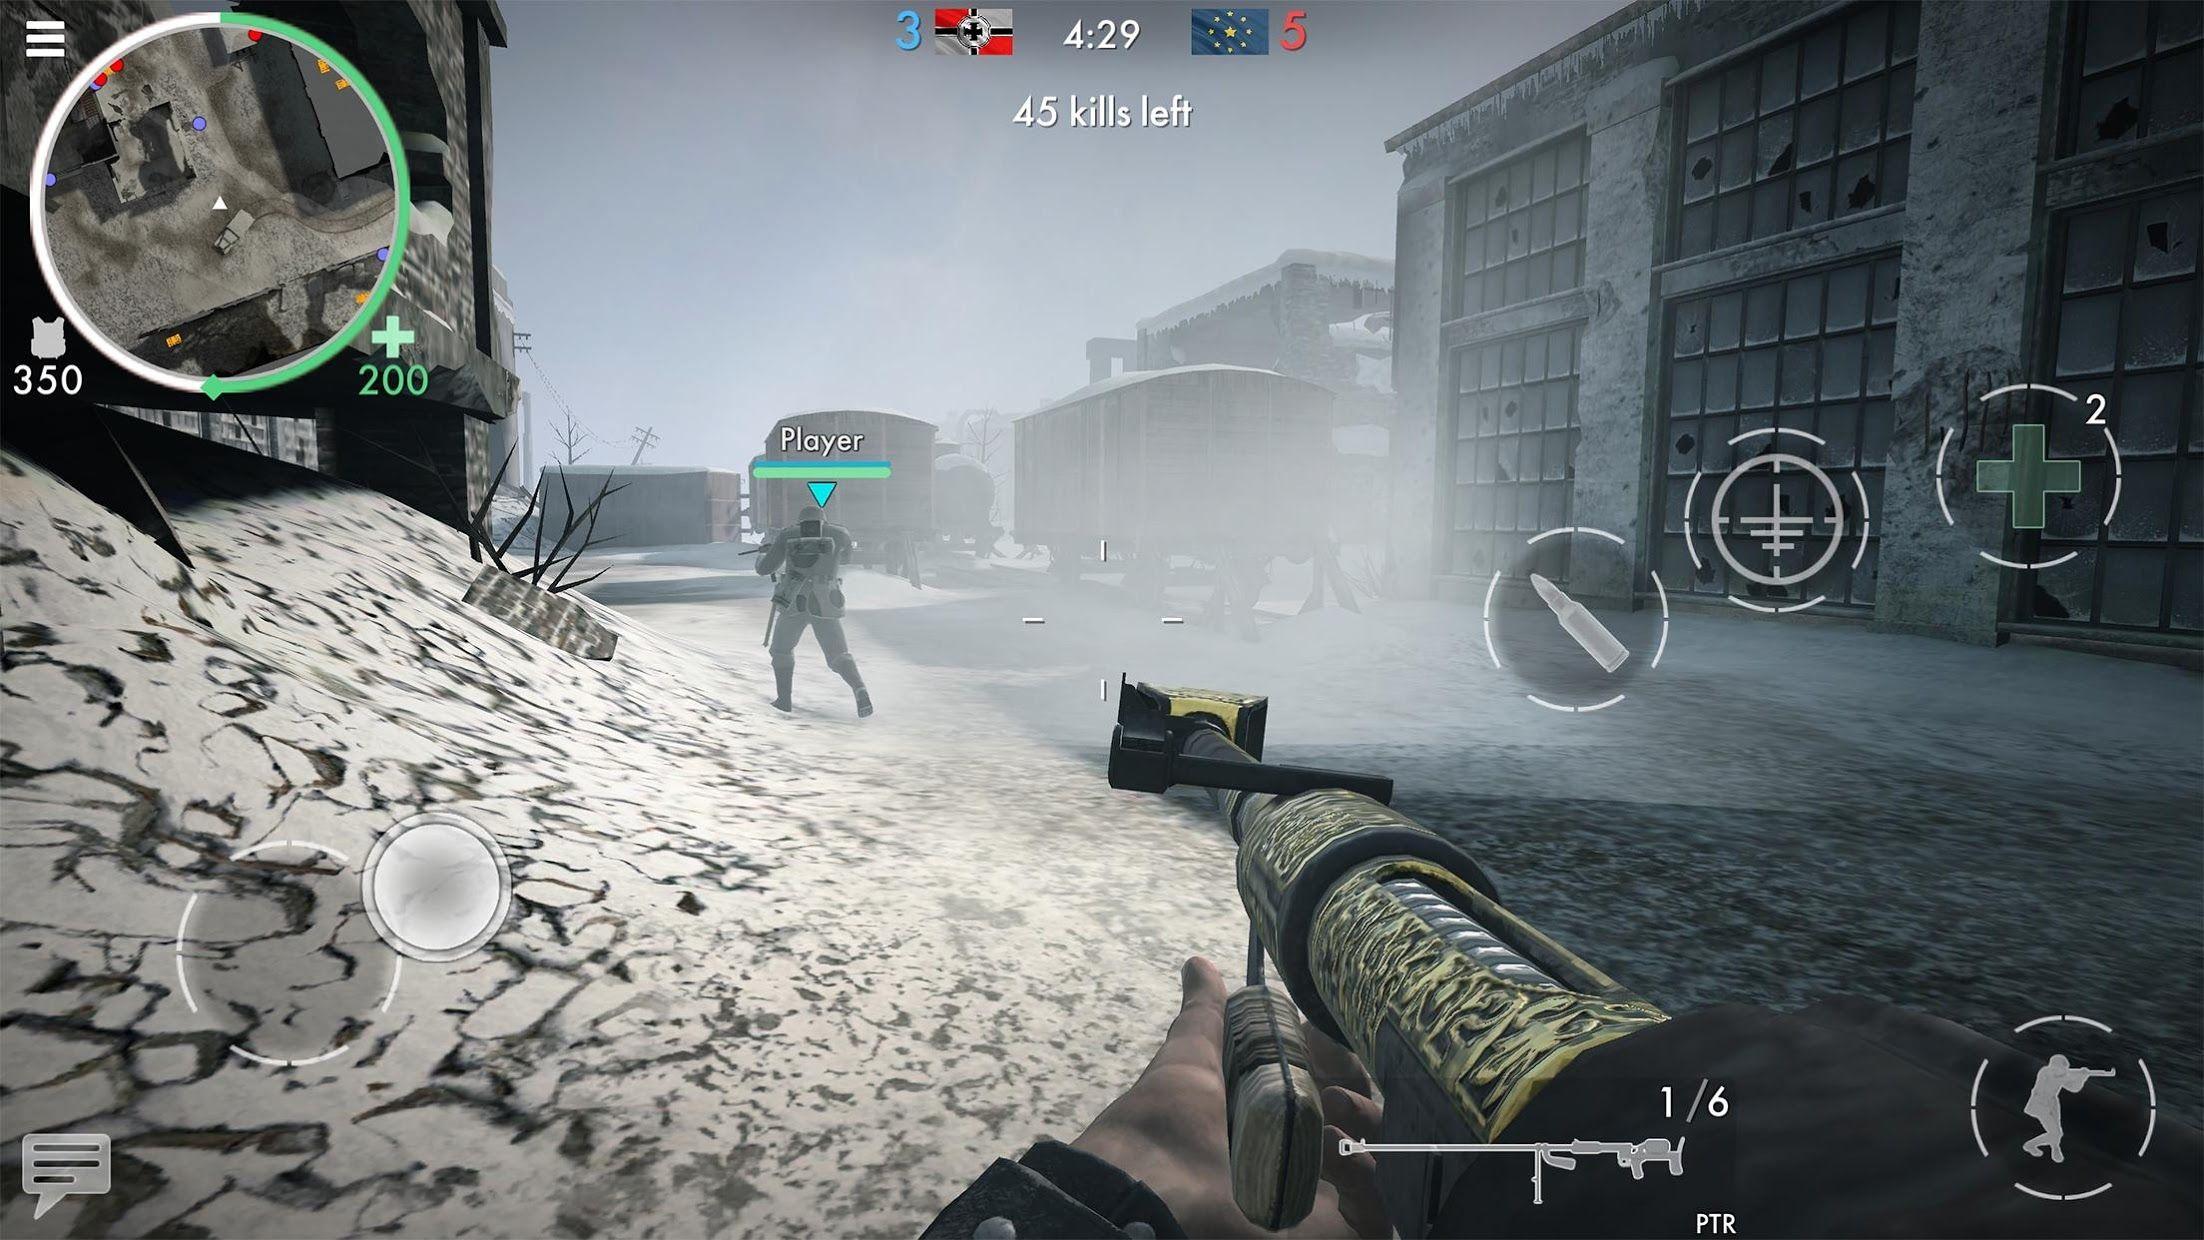 世界战争 - 英雄 游戏截图2